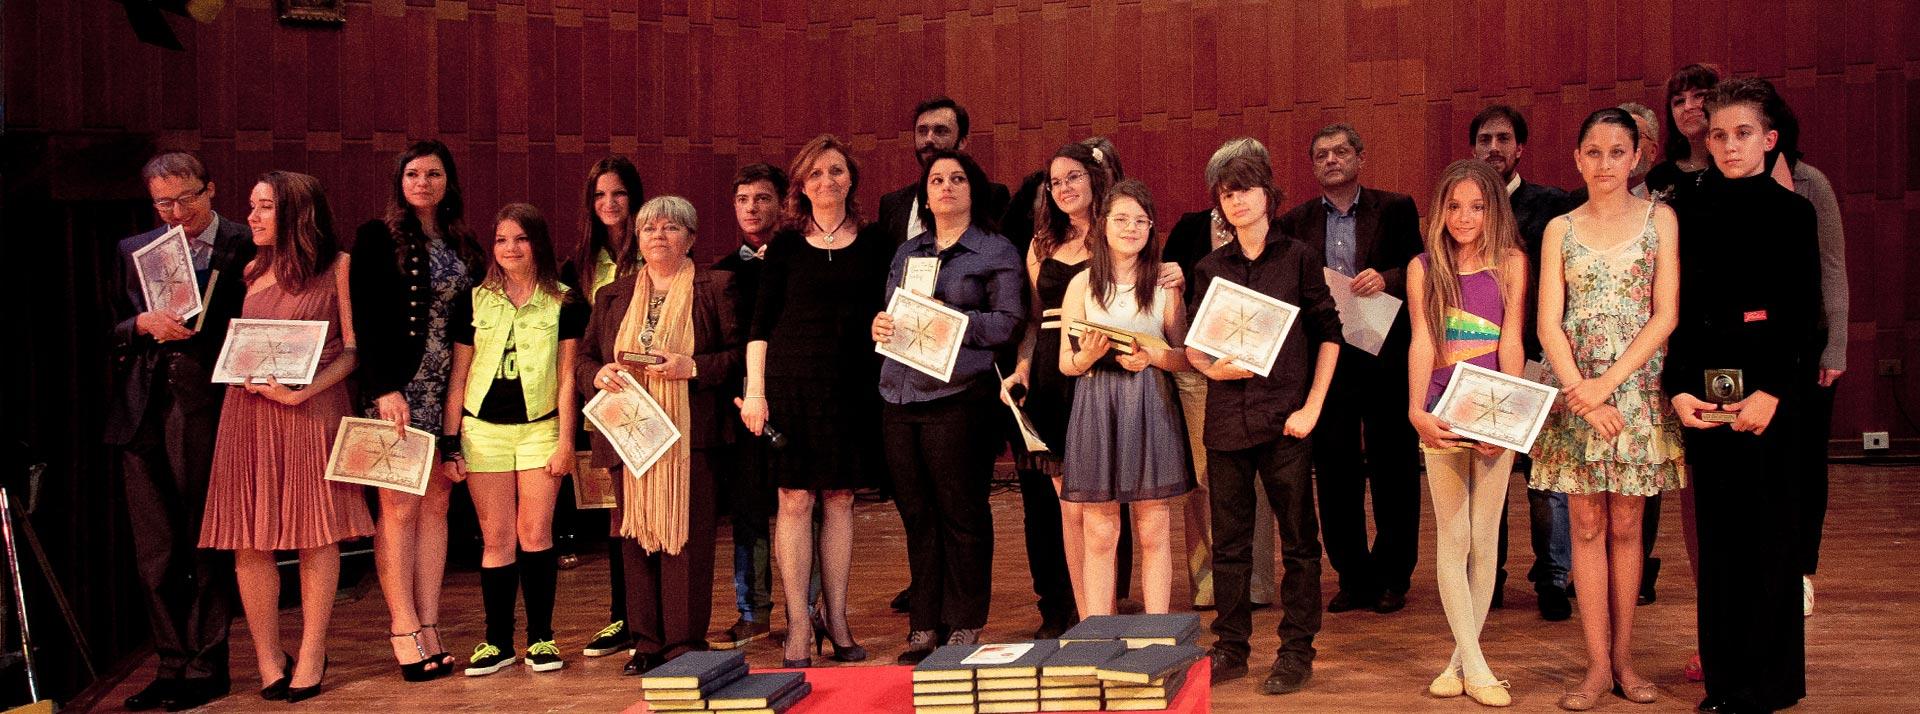 Propatria Festival 2013